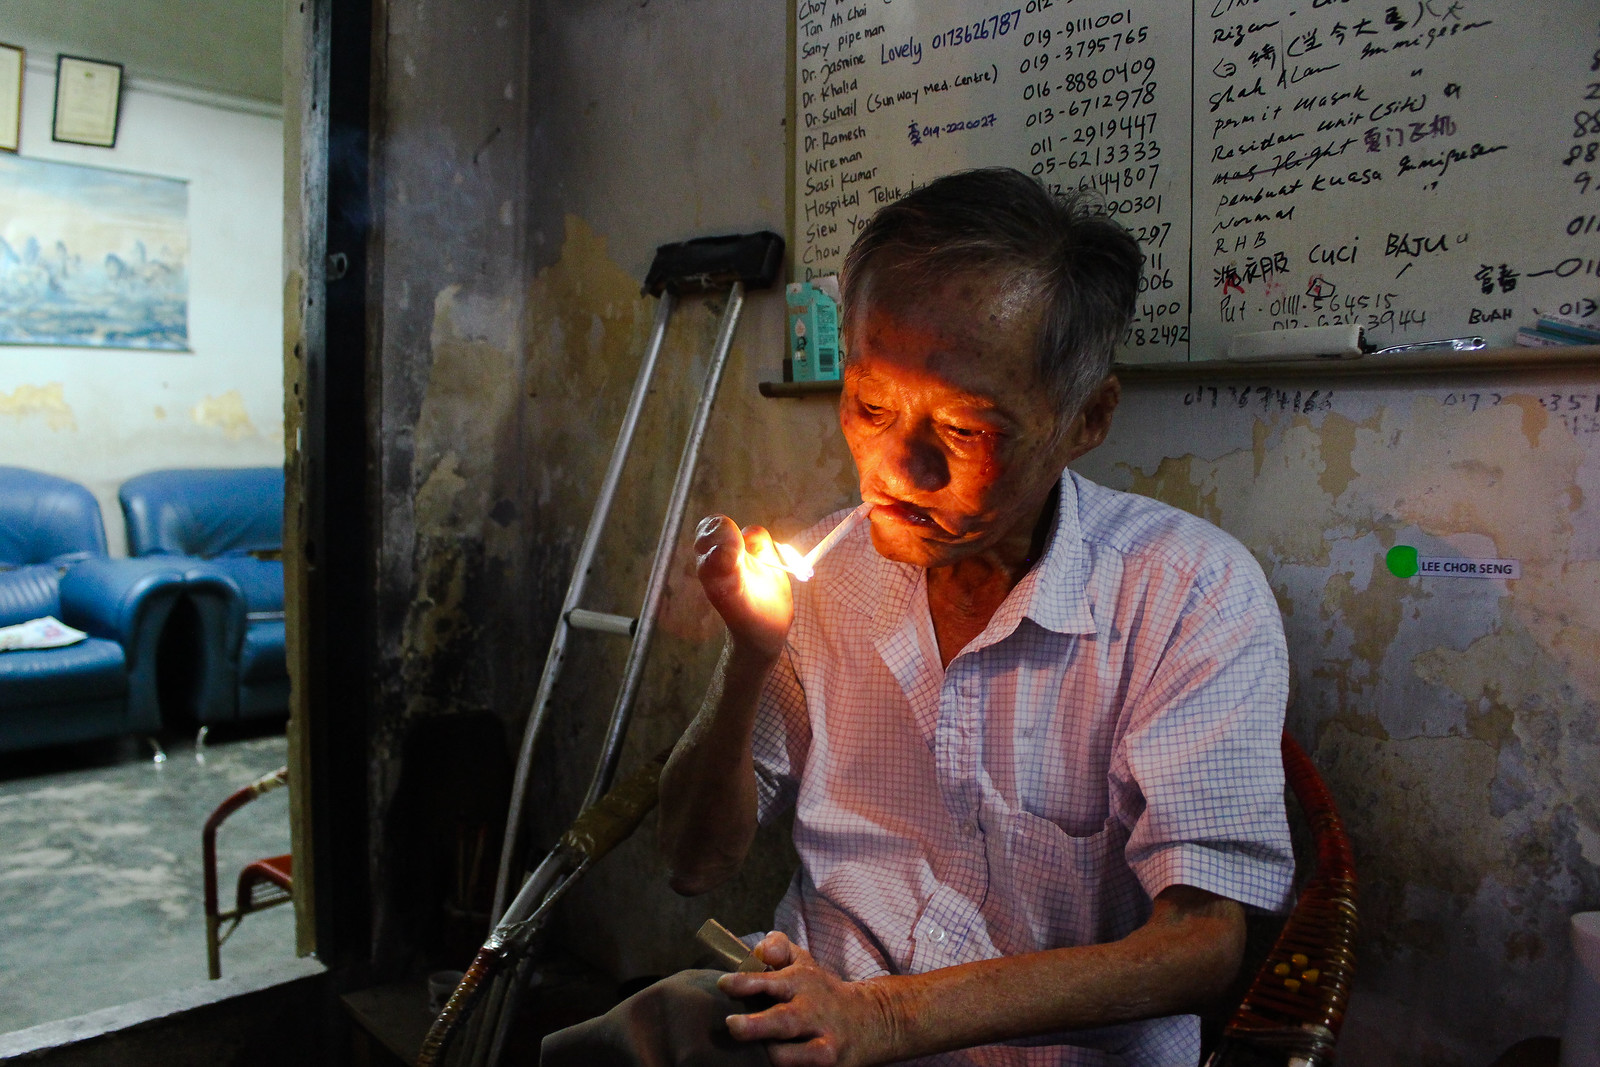 在雙溪毛糯院已經住了將近一甲子的李初成,在家中熟練地點起一支菸,開始說故事。(攝影:何欣潔)